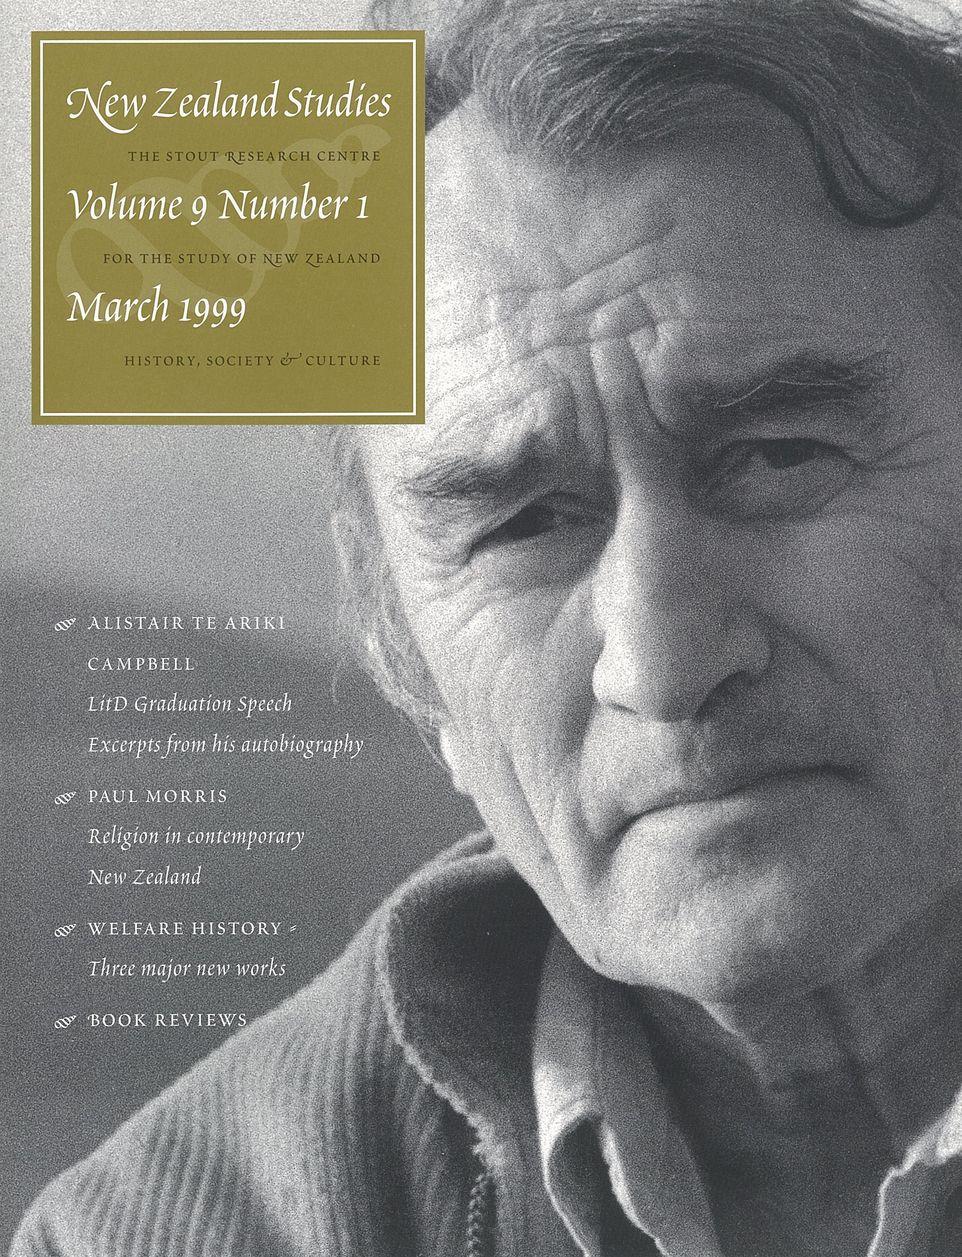 New Zealand Studies 1999 Vol.9 No.1